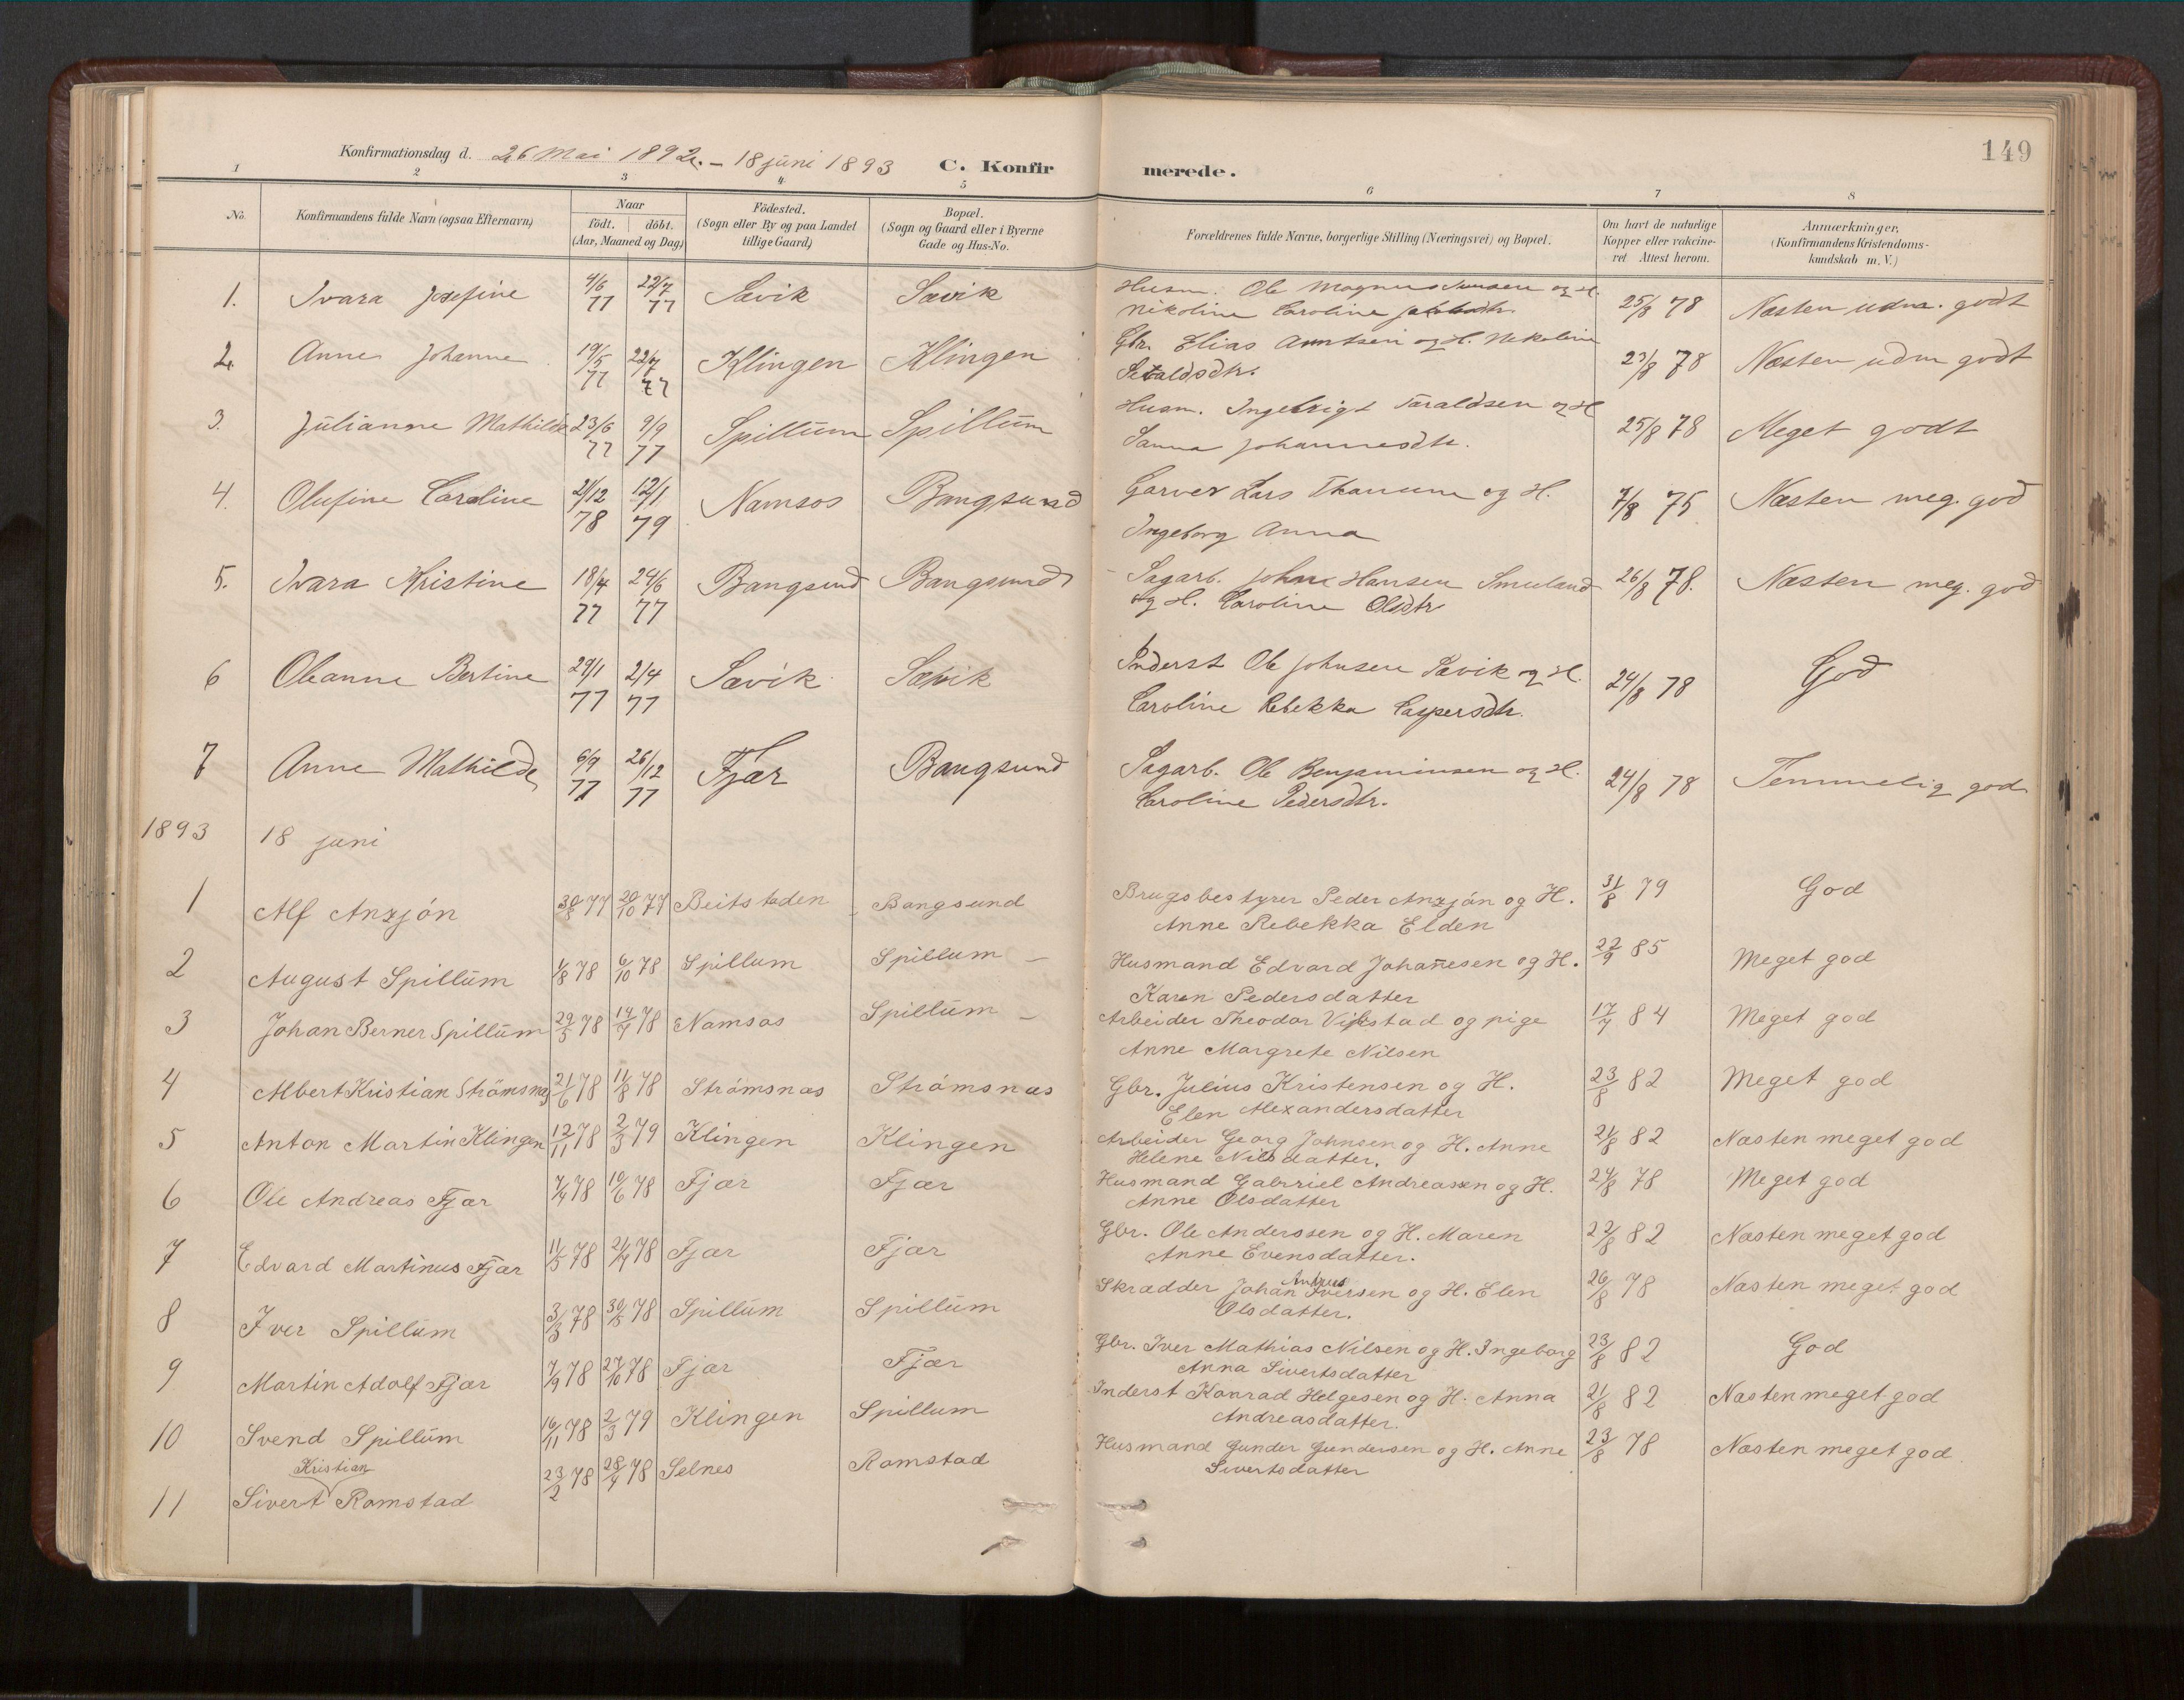 SAT, Ministerialprotokoller, klokkerbøker og fødselsregistre - Nord-Trøndelag, 770/L0589: Ministerialbok nr. 770A03, 1887-1929, s. 149